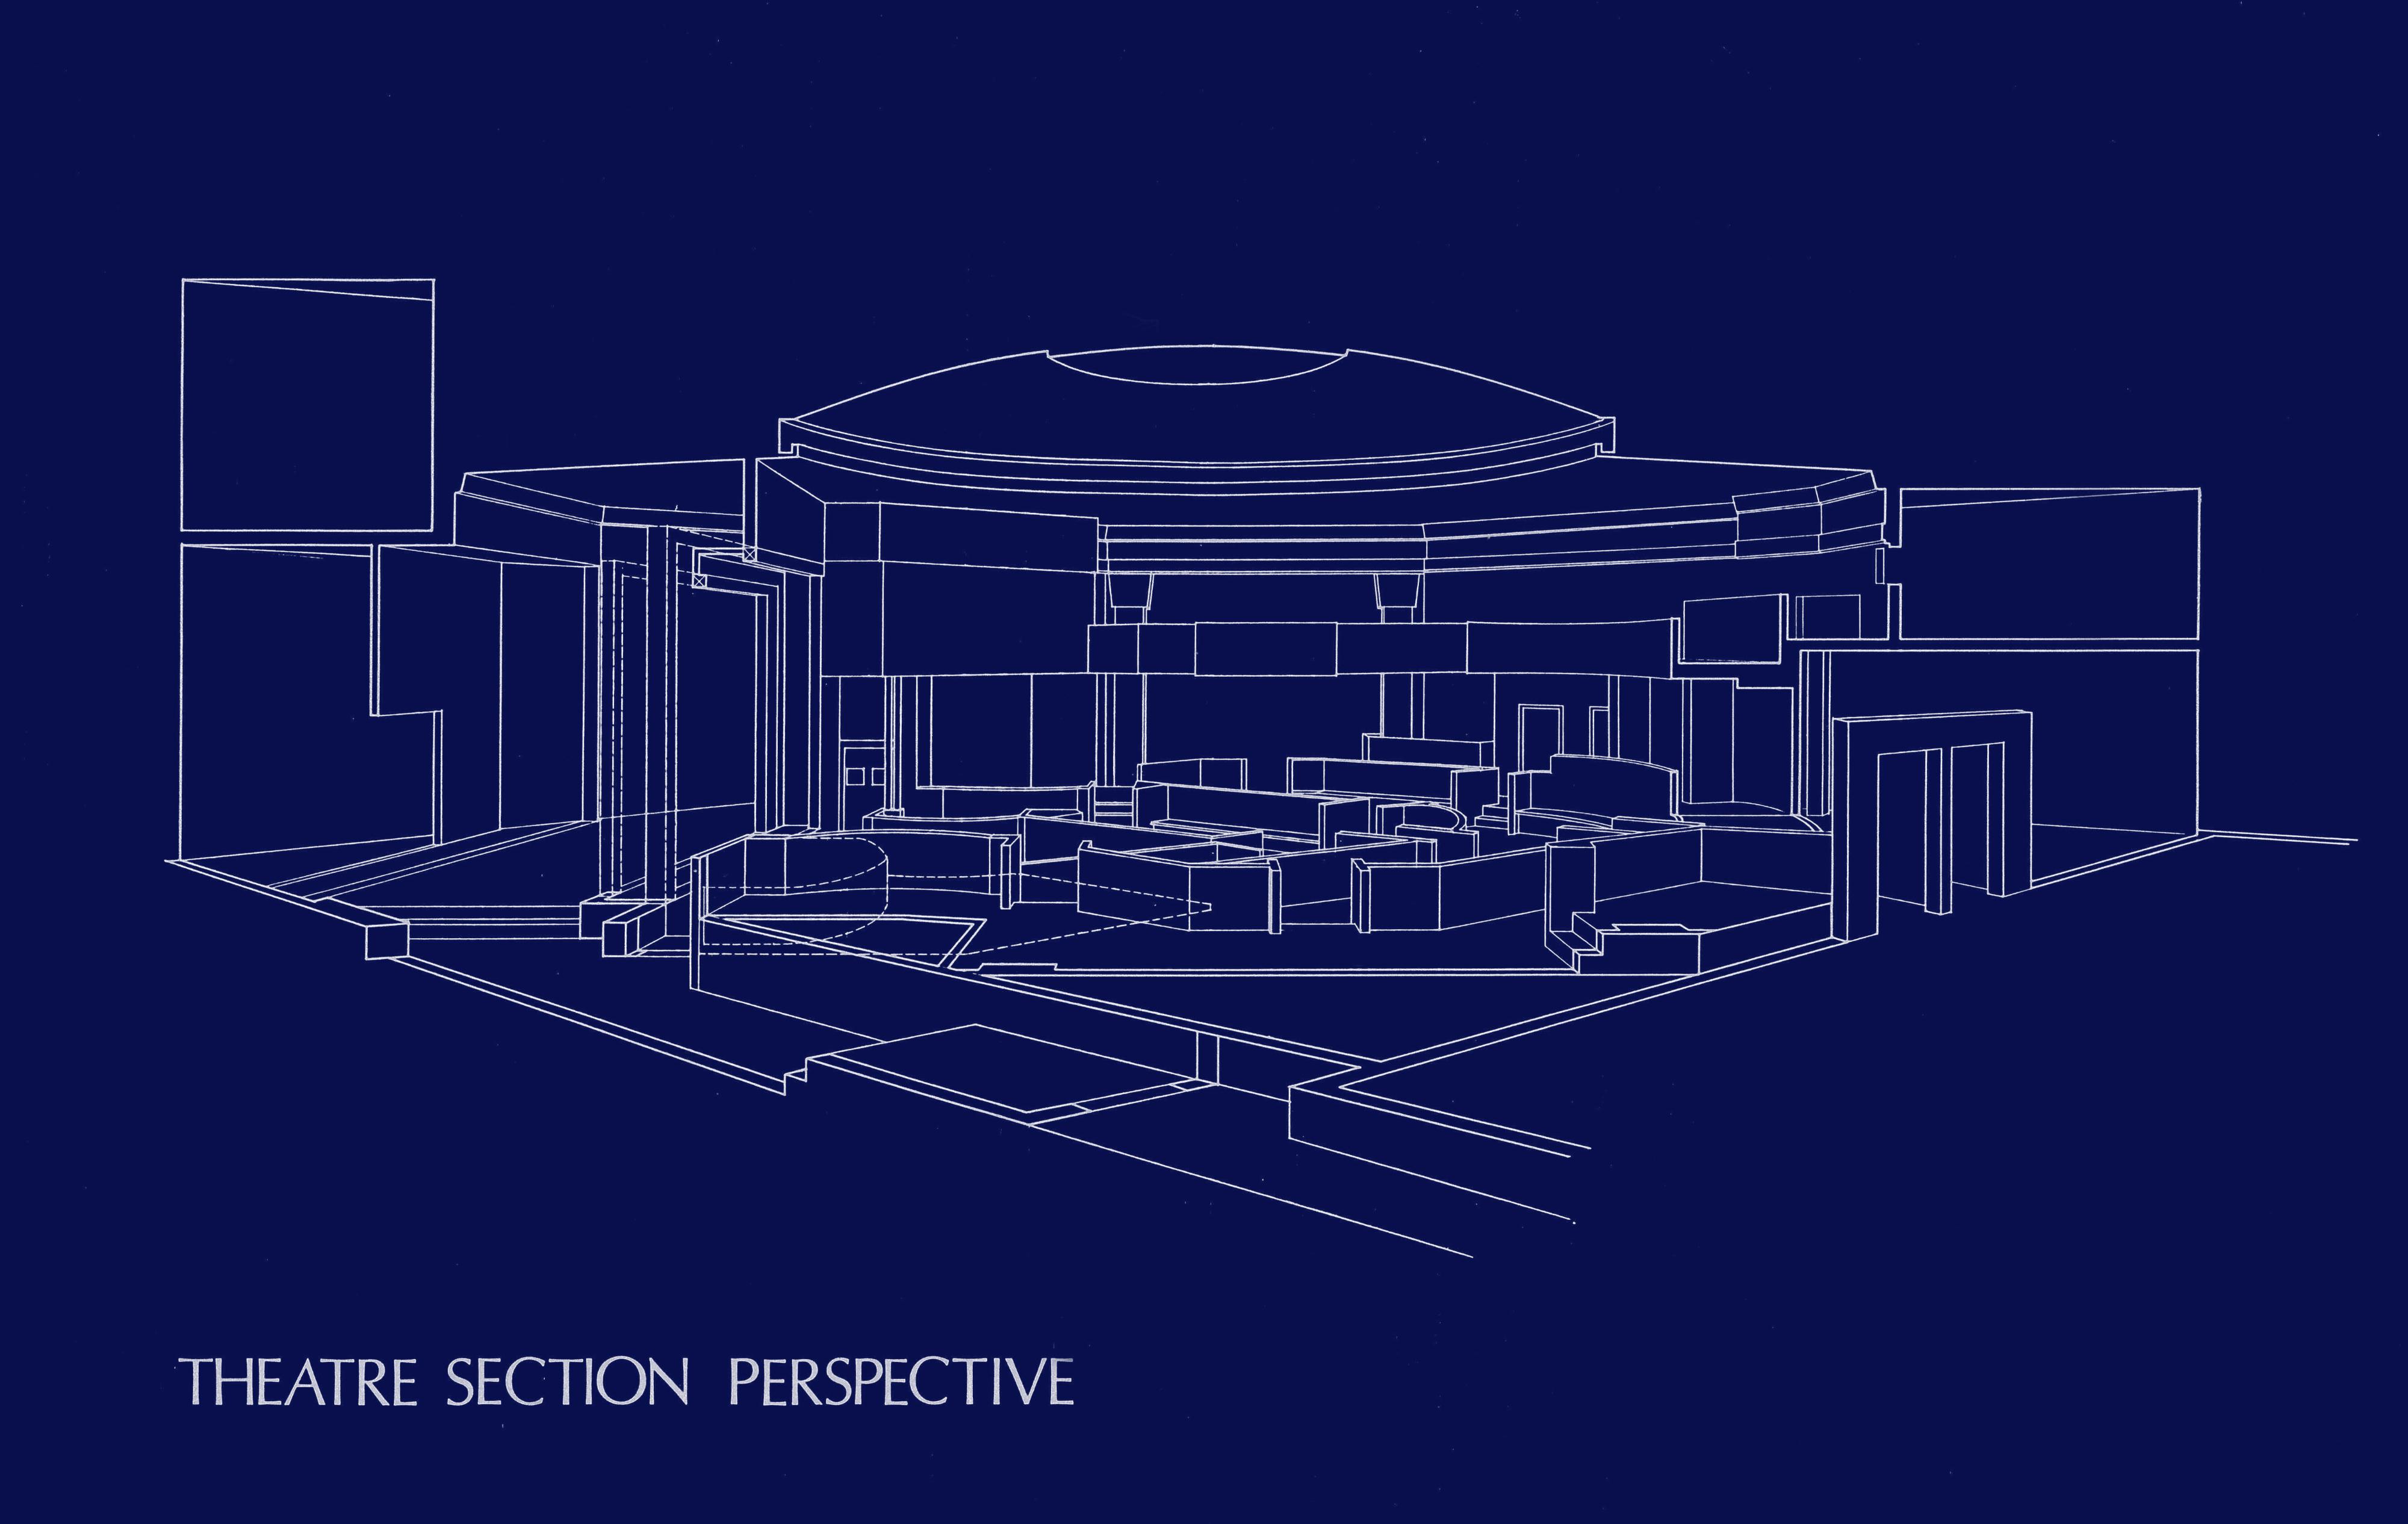 Dobbs Theatre Perspective Invert